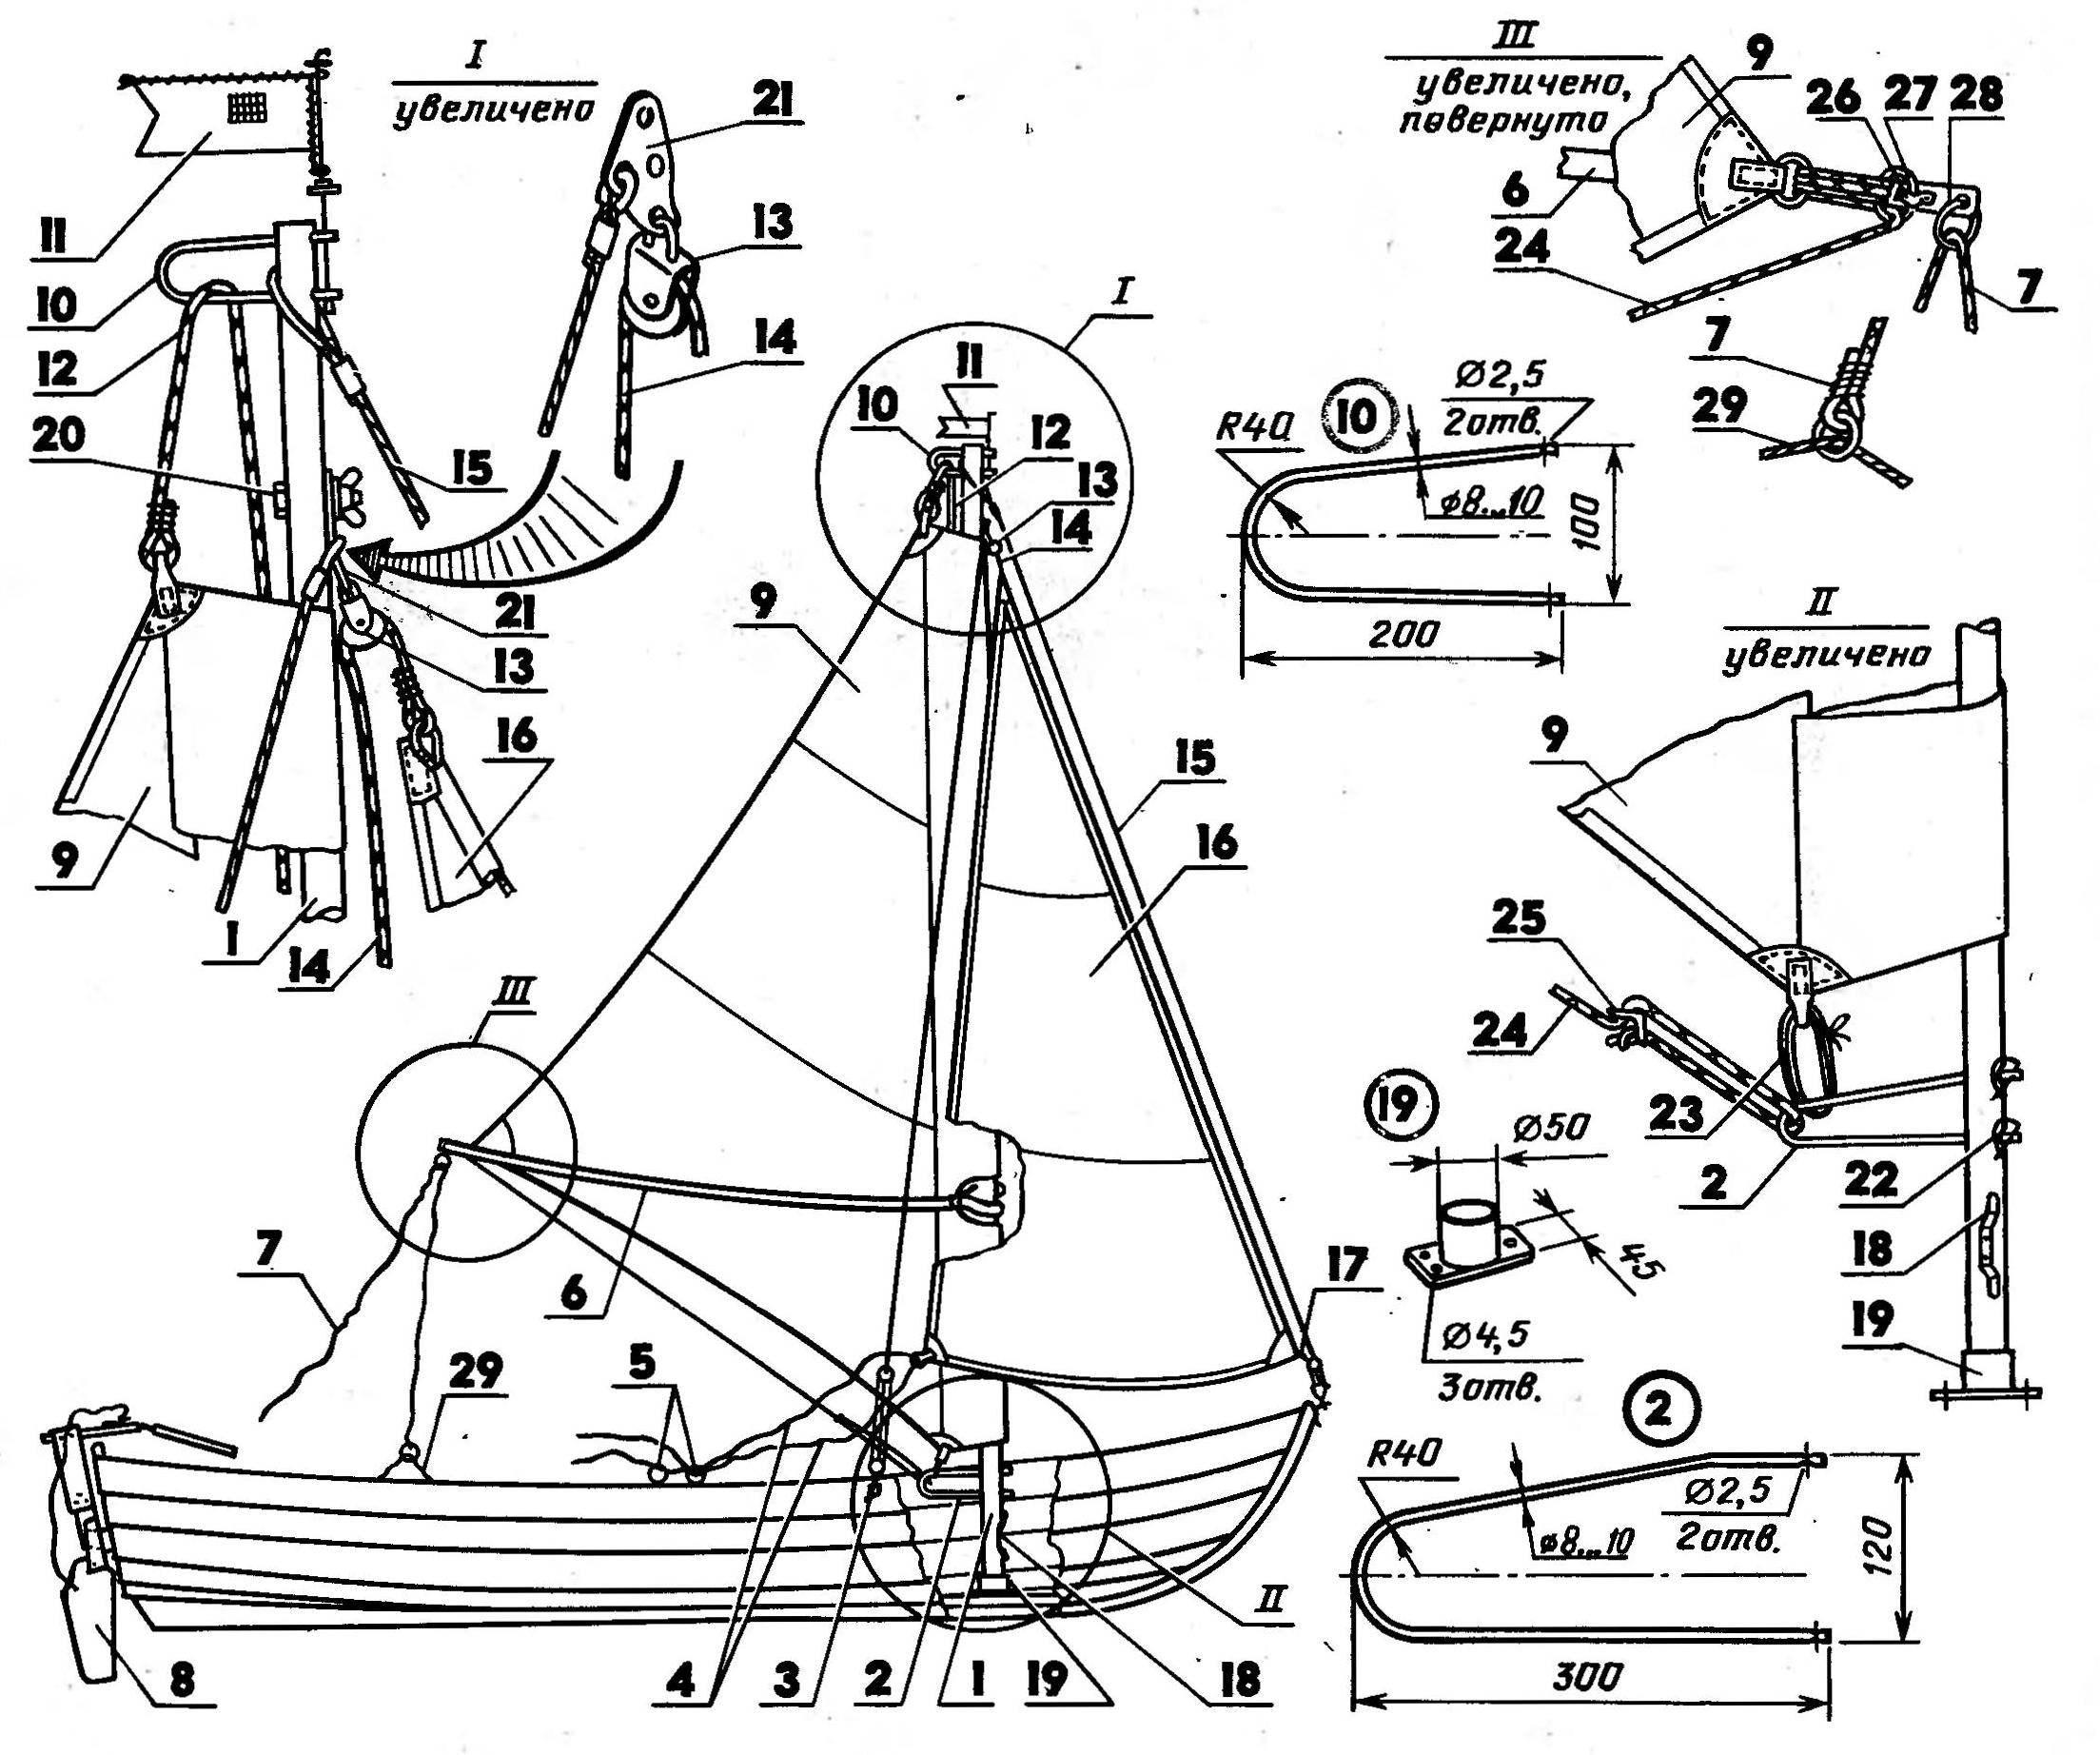 Оснащение гребной лодки парусным вооружением